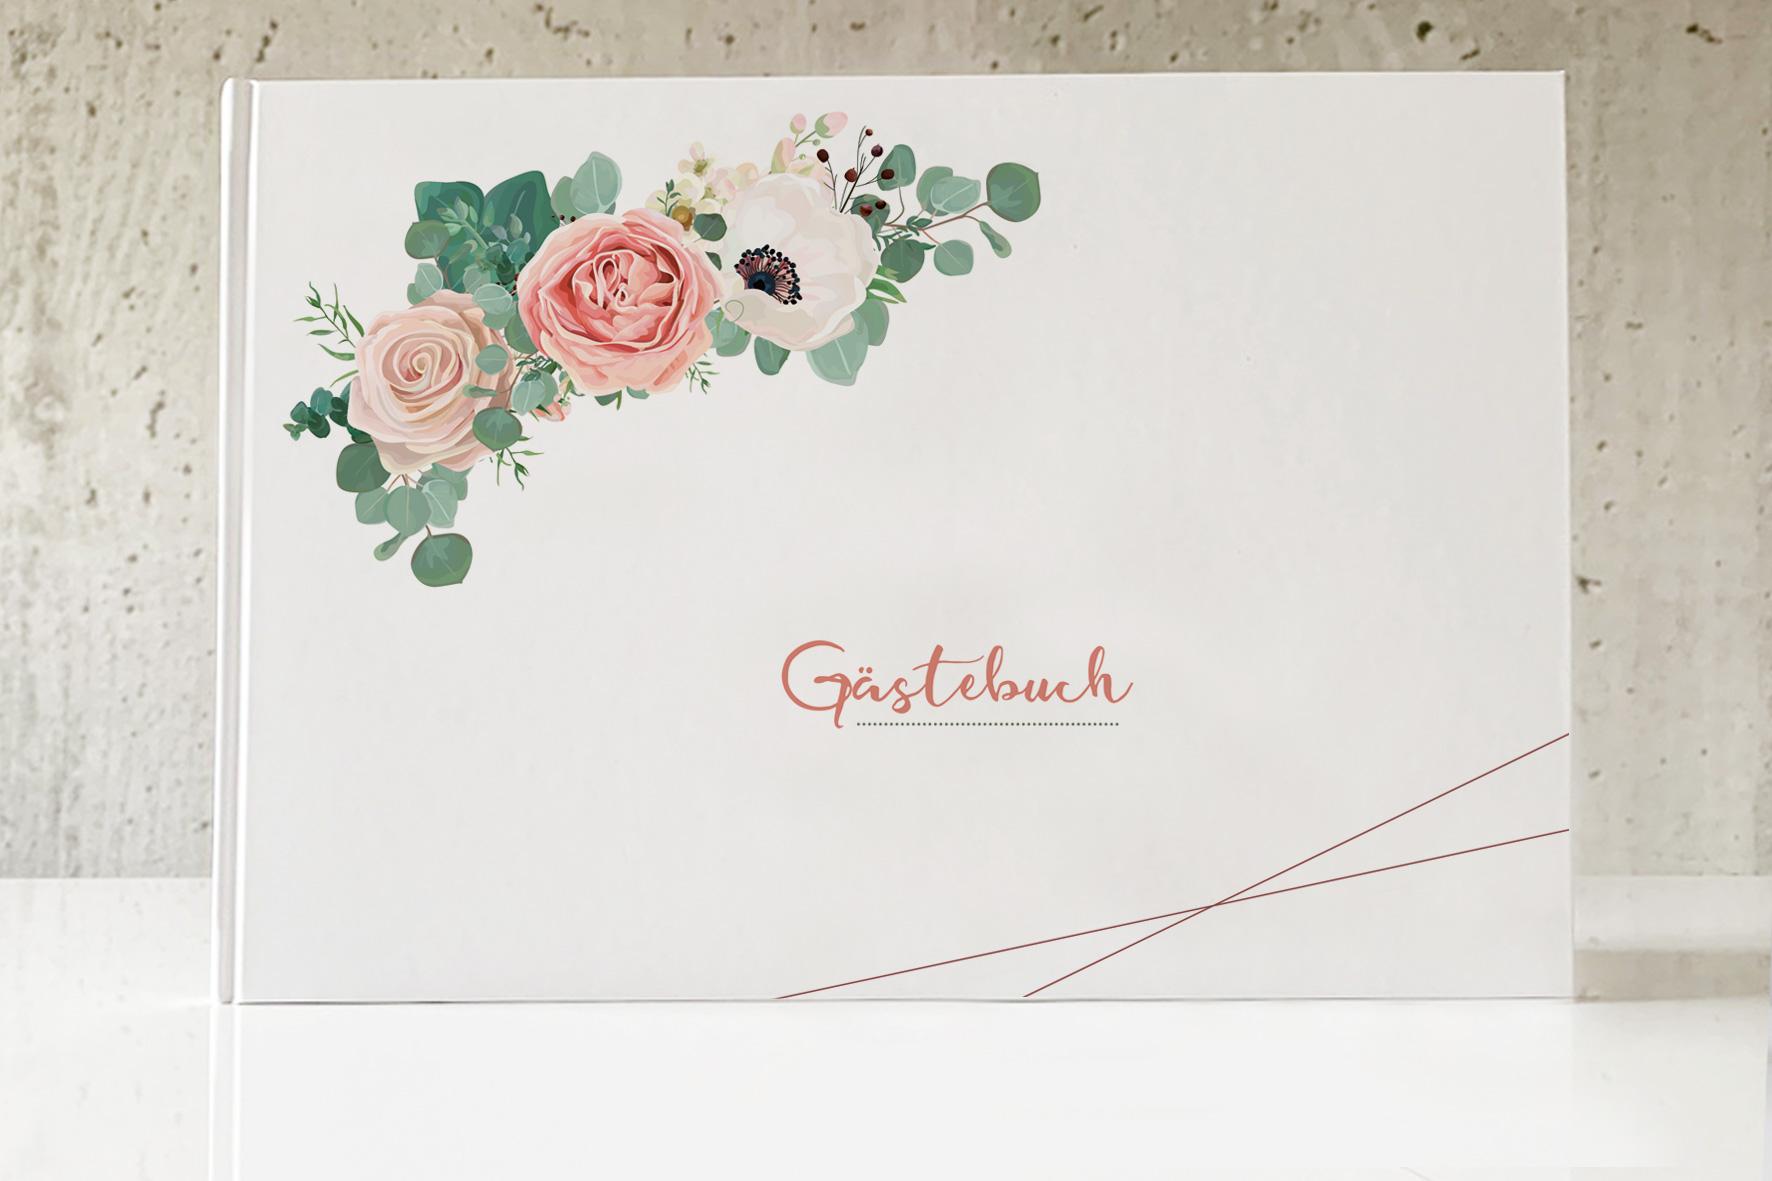 Gästebuch - Flower-Power (mit Fragen)